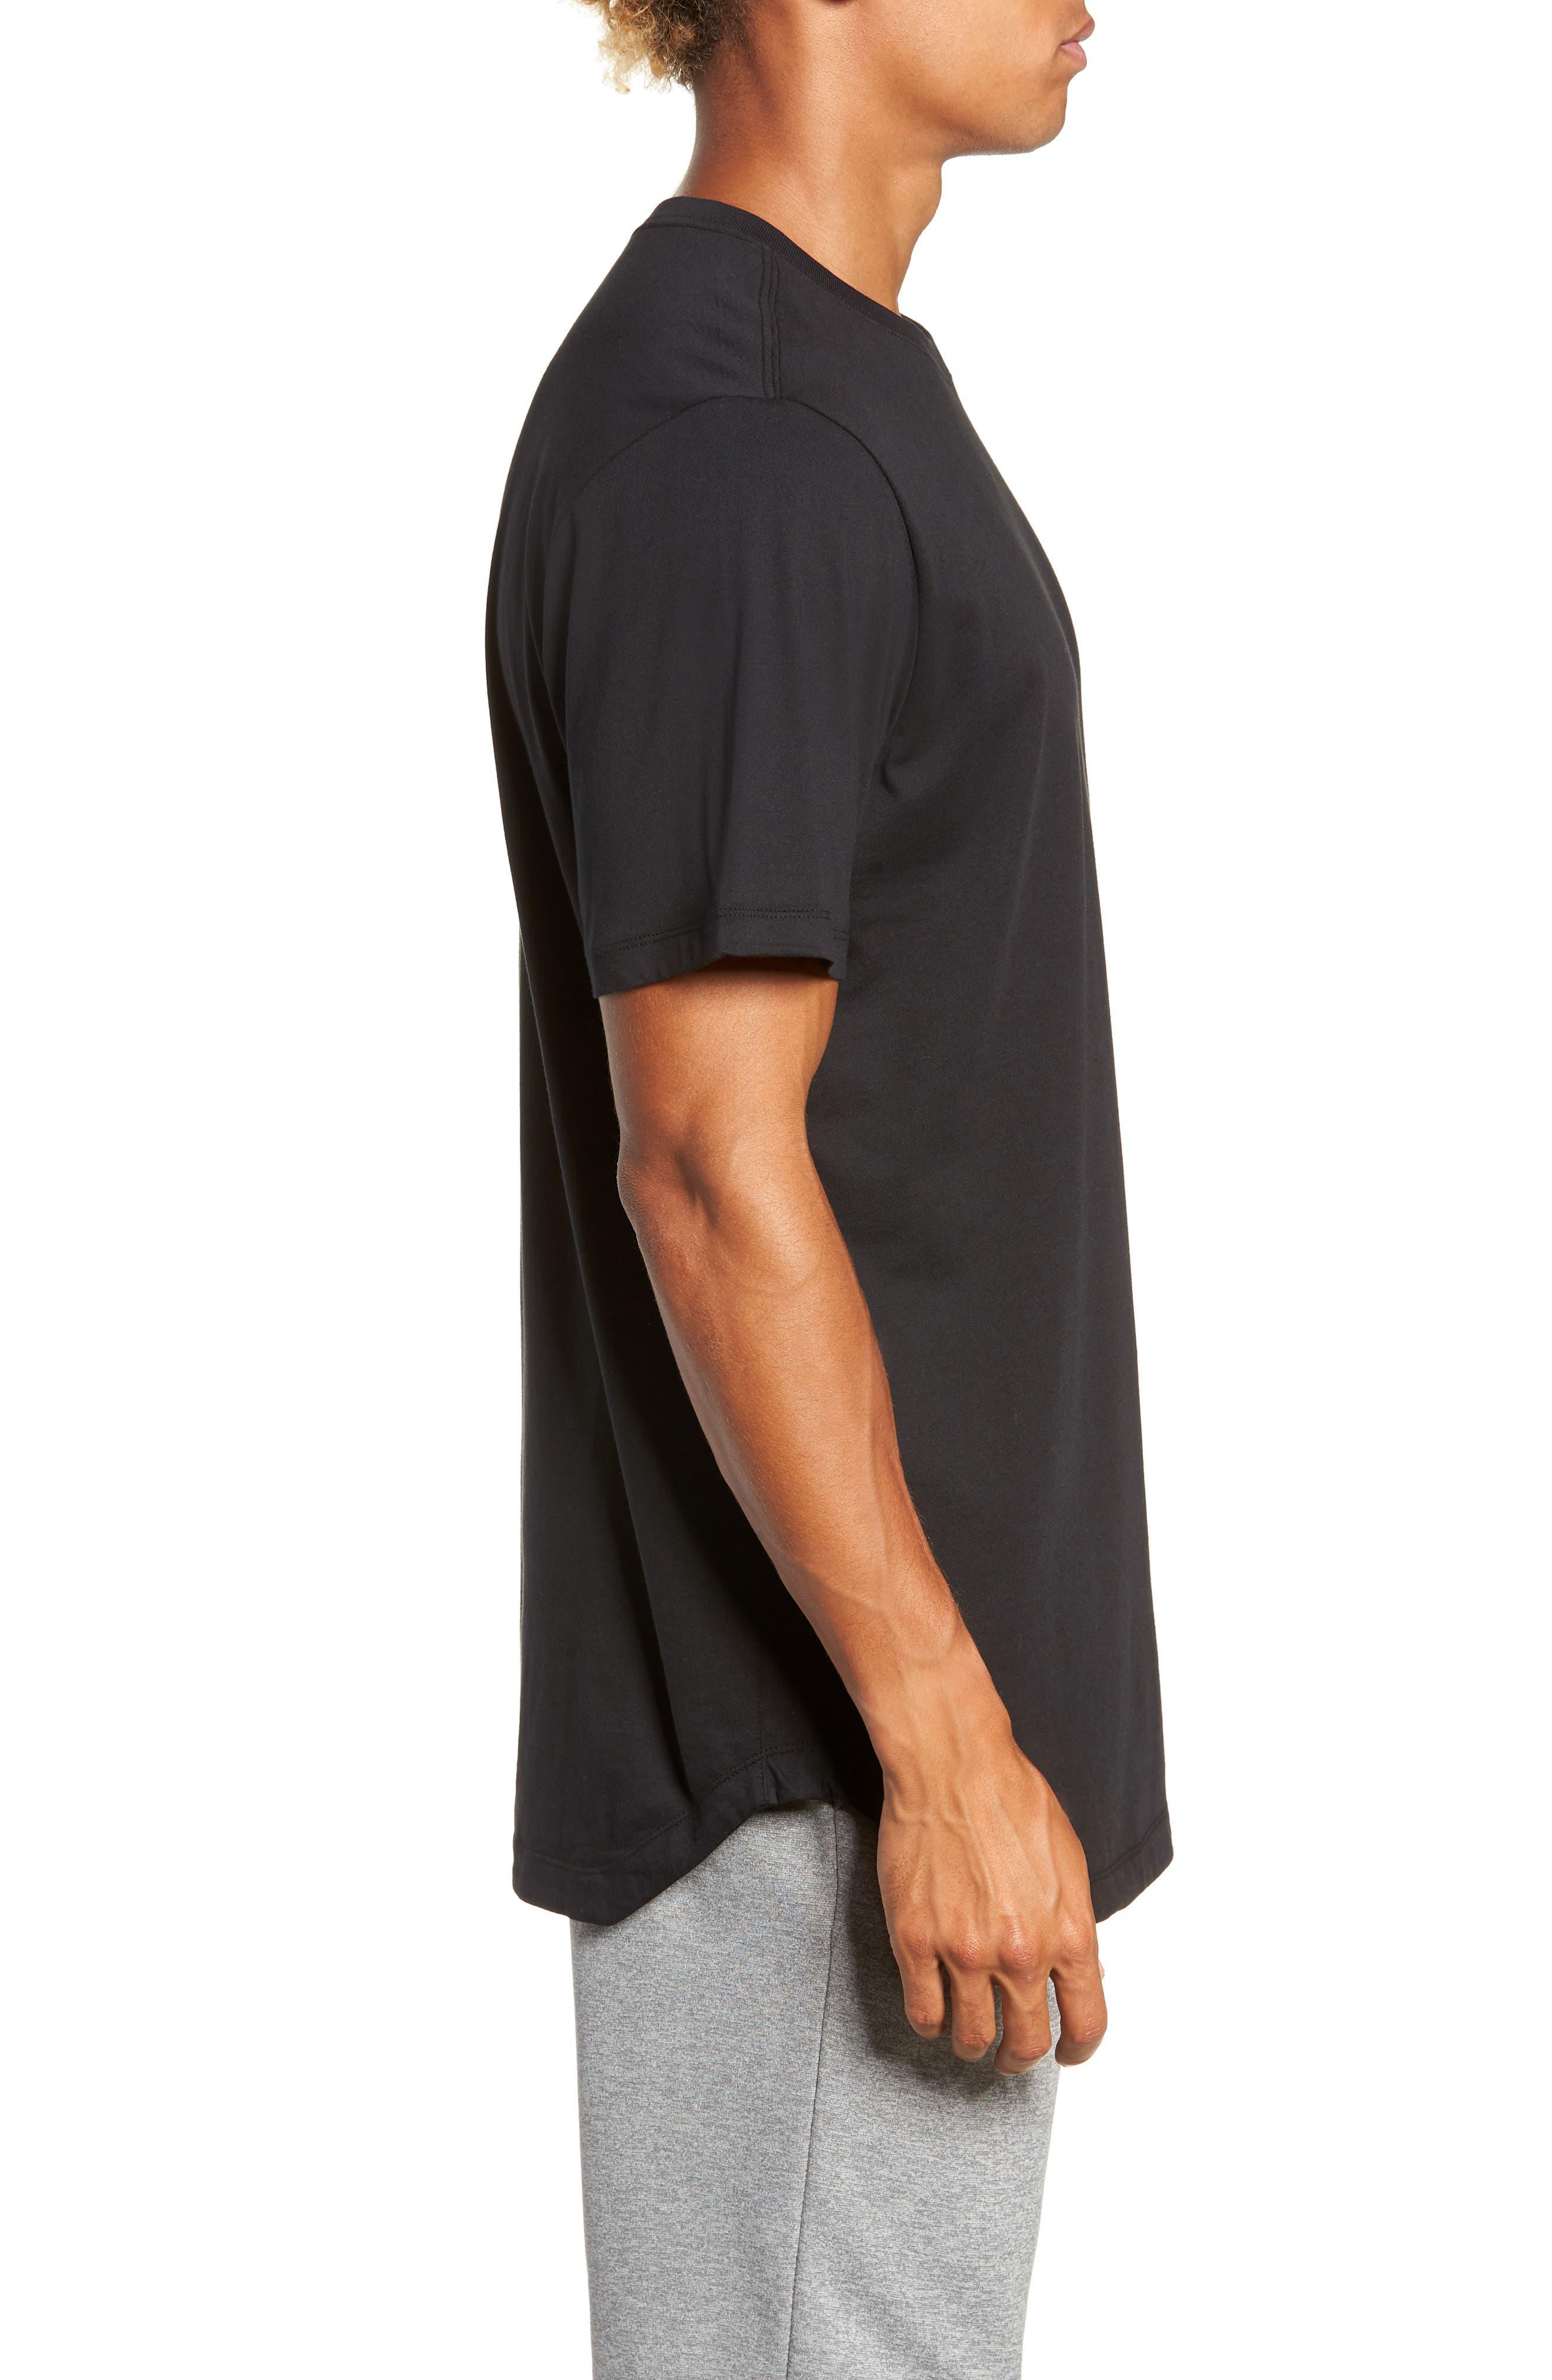 NSW Futura T-Shirt,                             Alternate thumbnail 3, color,                             BLACK/ BLACK